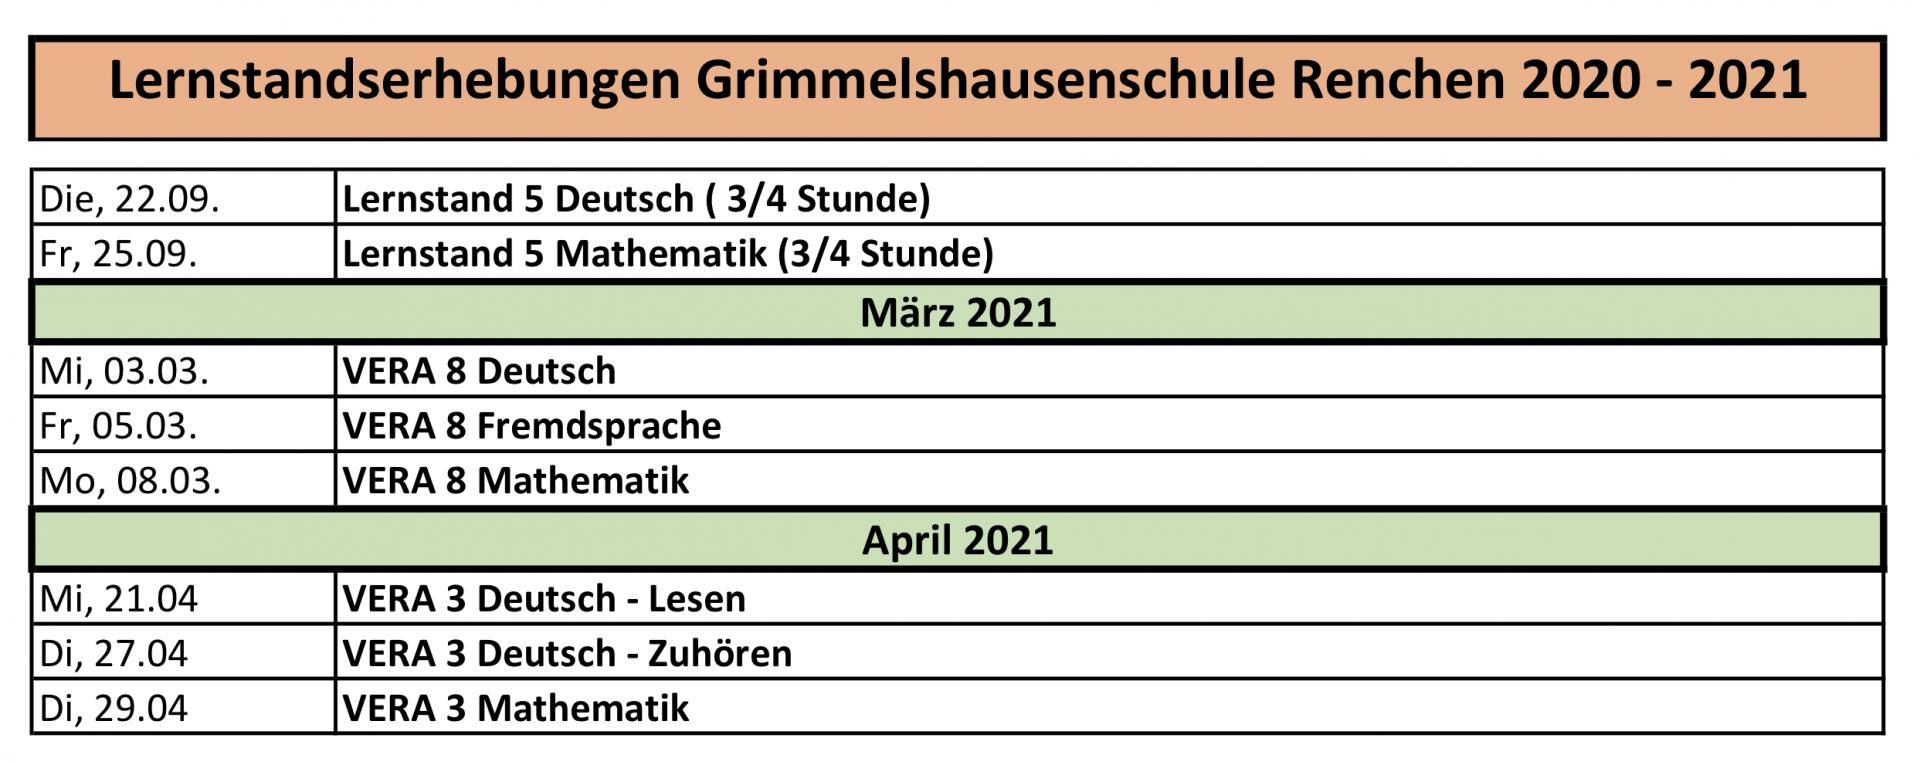 Lernstandserhebungen 2020-2021